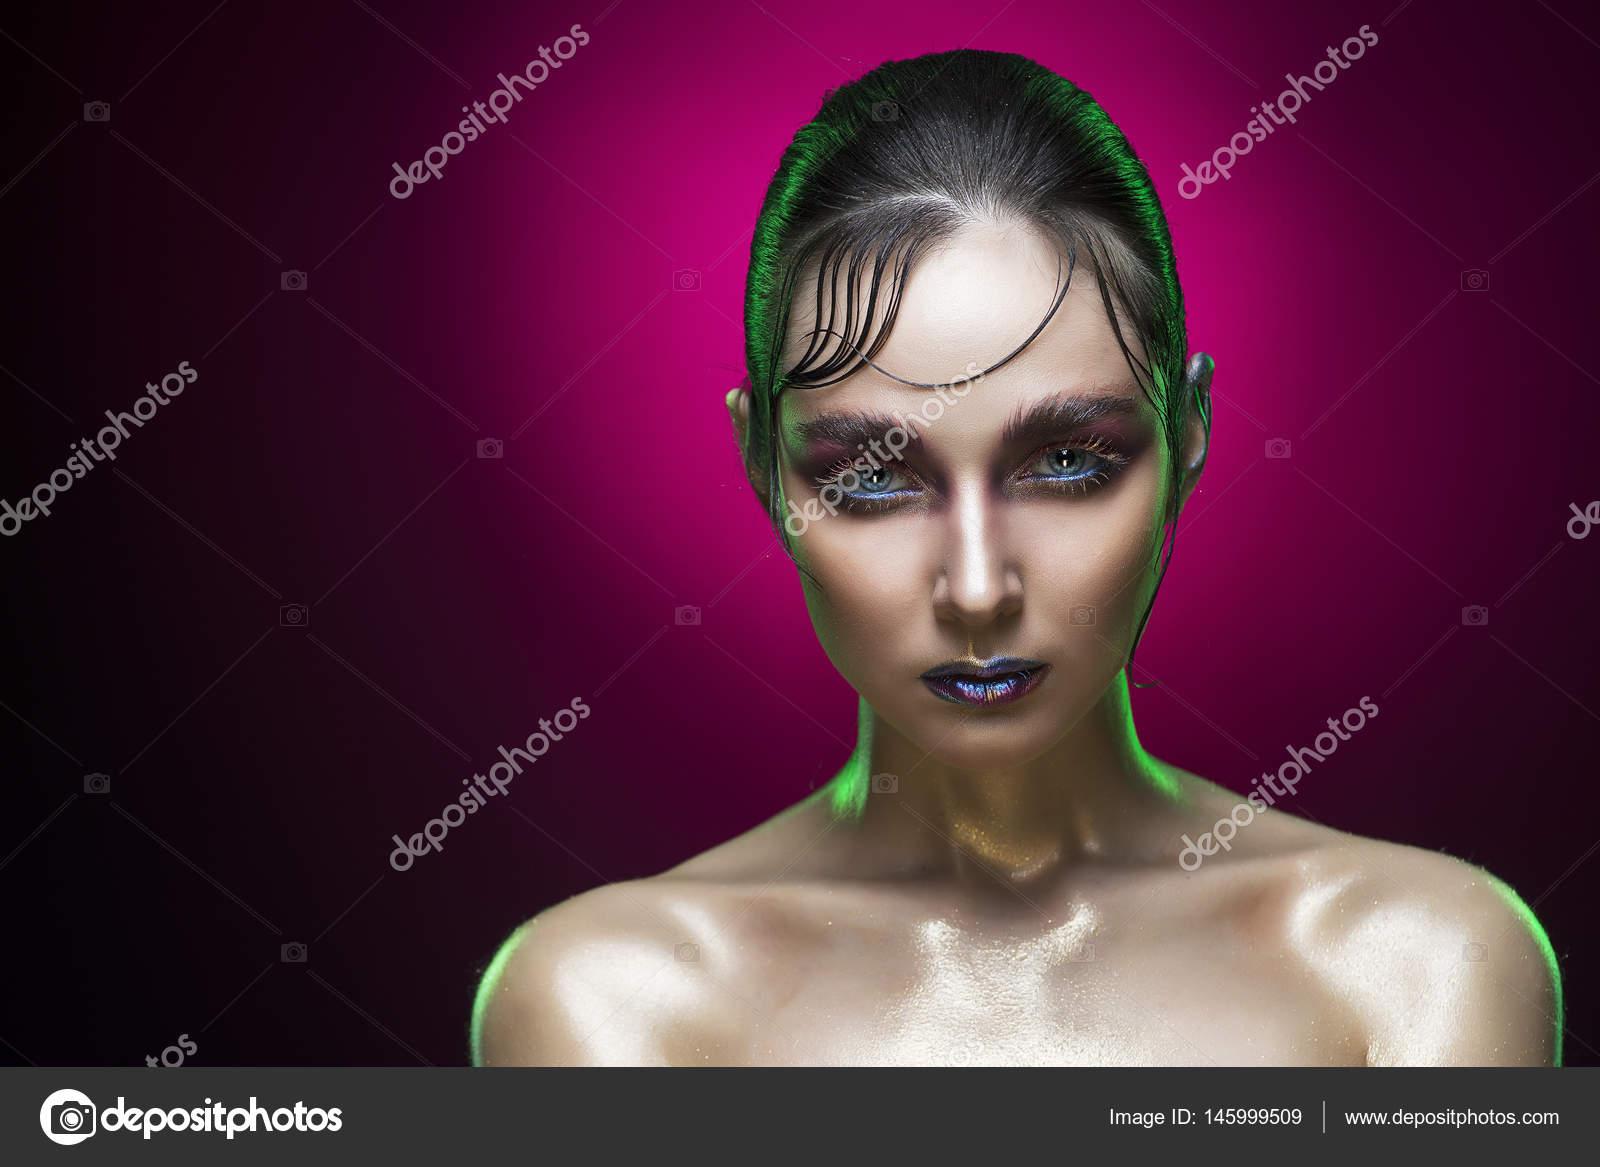 Foto Degradado Pelo Retrato De La Belleza De La Joven Mujer Con